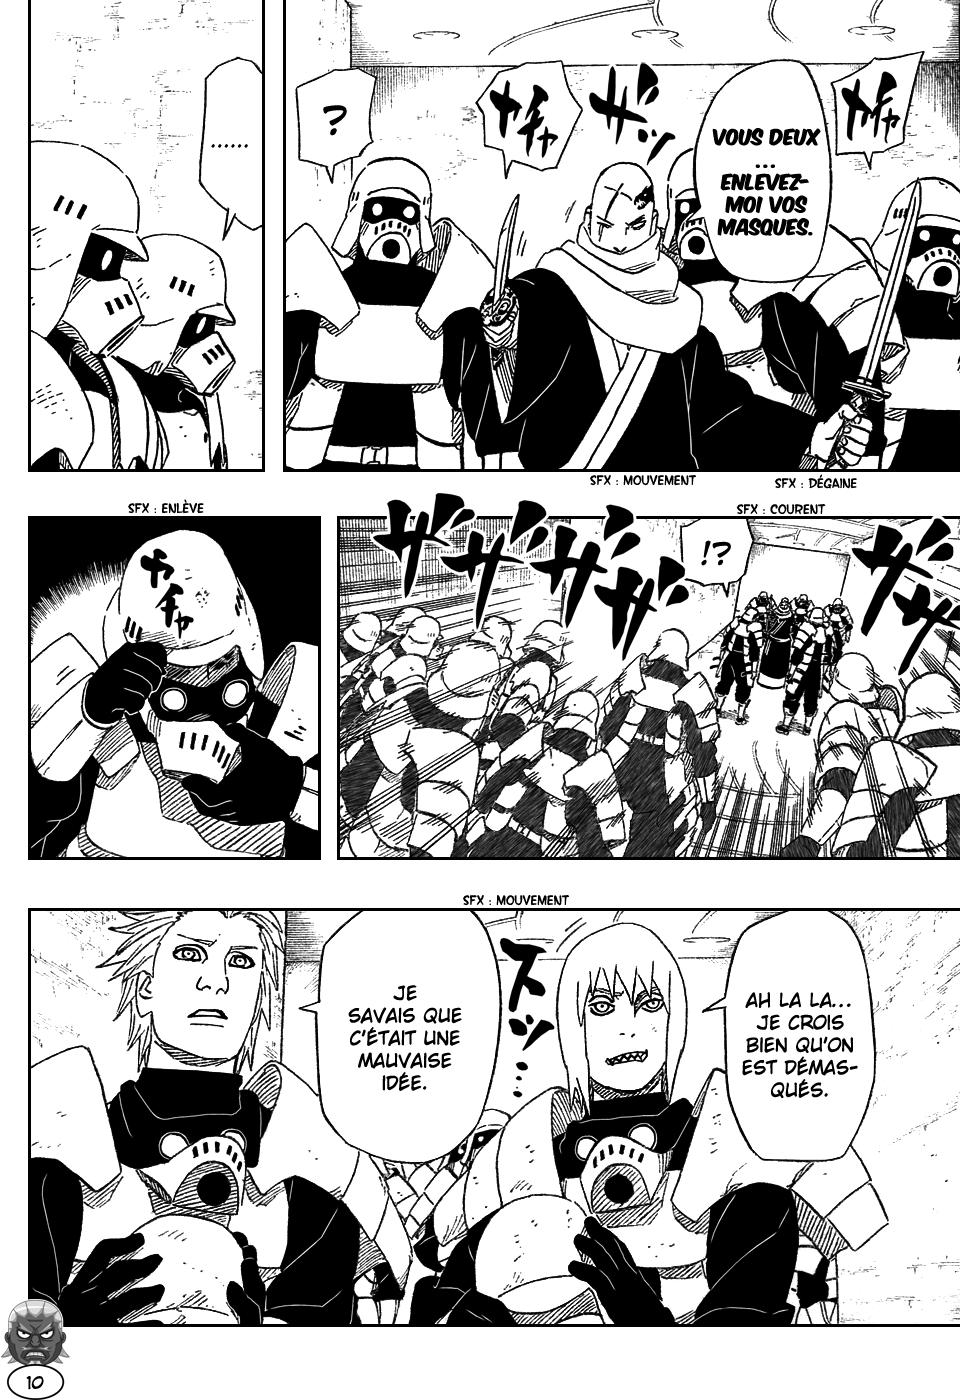 Naruto chapitre 473 - Page 9